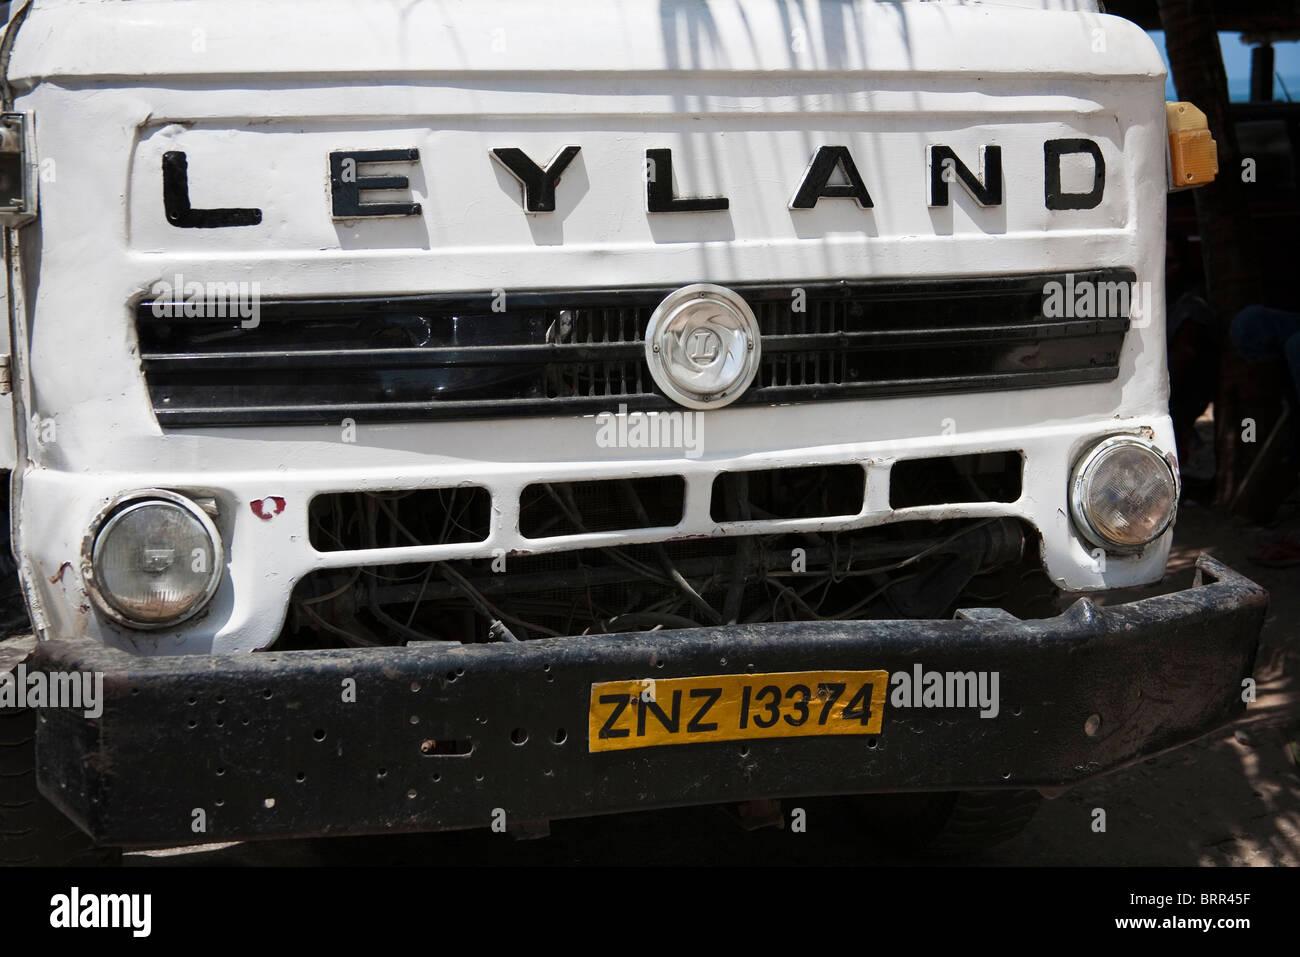 Parte anteriore di un vecchio carrello Leyland risalente probabilmente al 80's Immagini Stock